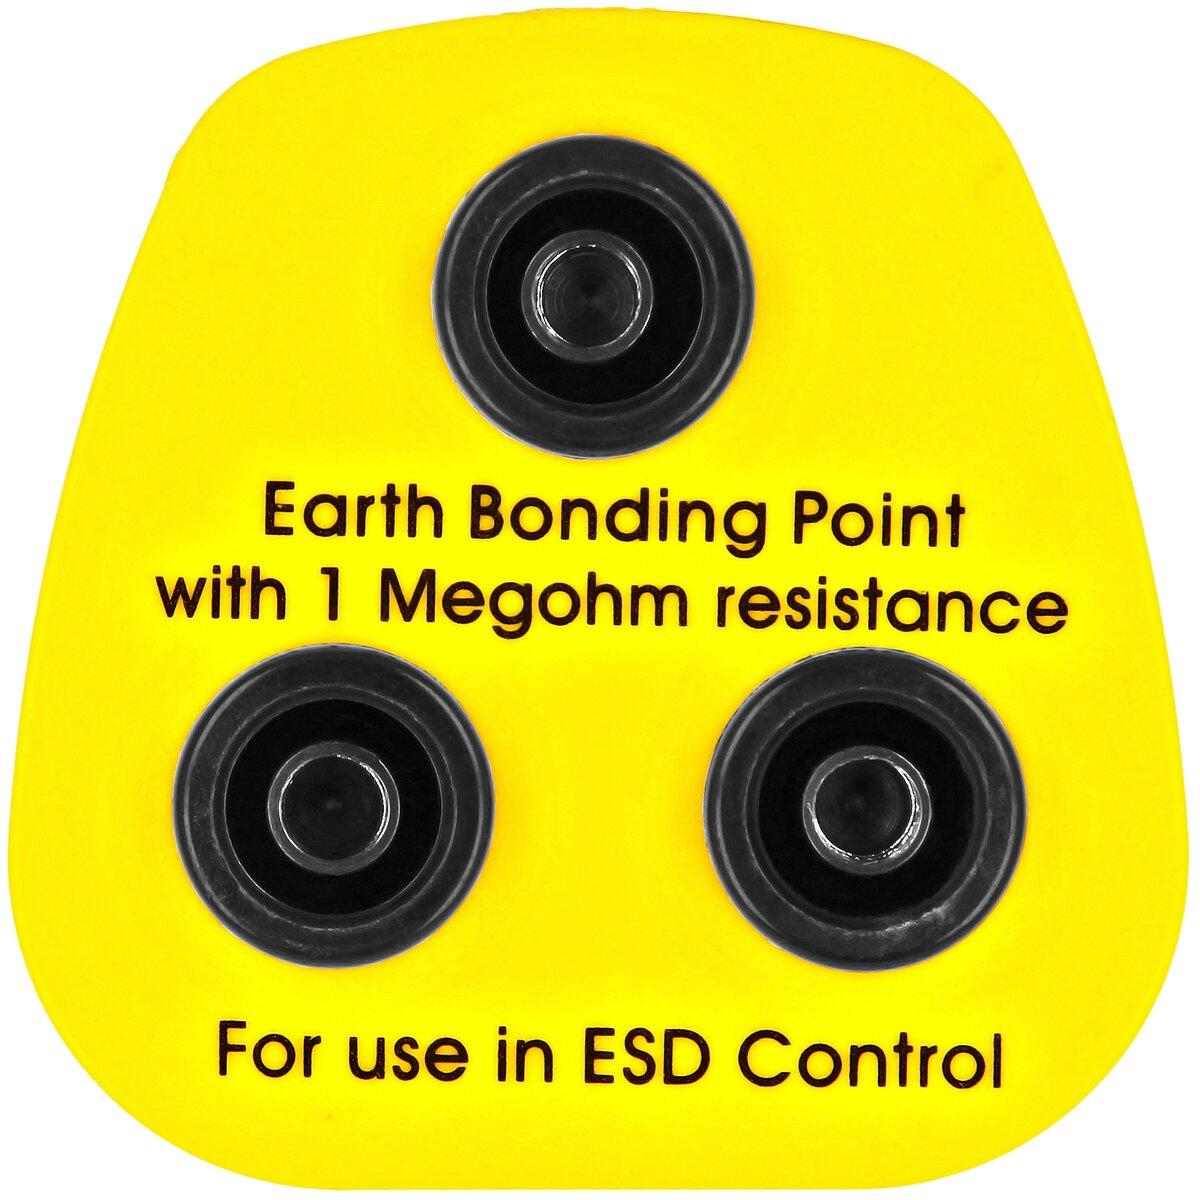 Minadax® Erdungsbaustein - EBP - Innovativer ESD-Schutz - Antistatik - Schutzkontaktstecker - 1 x 4 mm Druckknopfbuchse und 2 x 4 mm Bananenstecker-Buchse - 1 Megaohm Sicherheitswiderstand